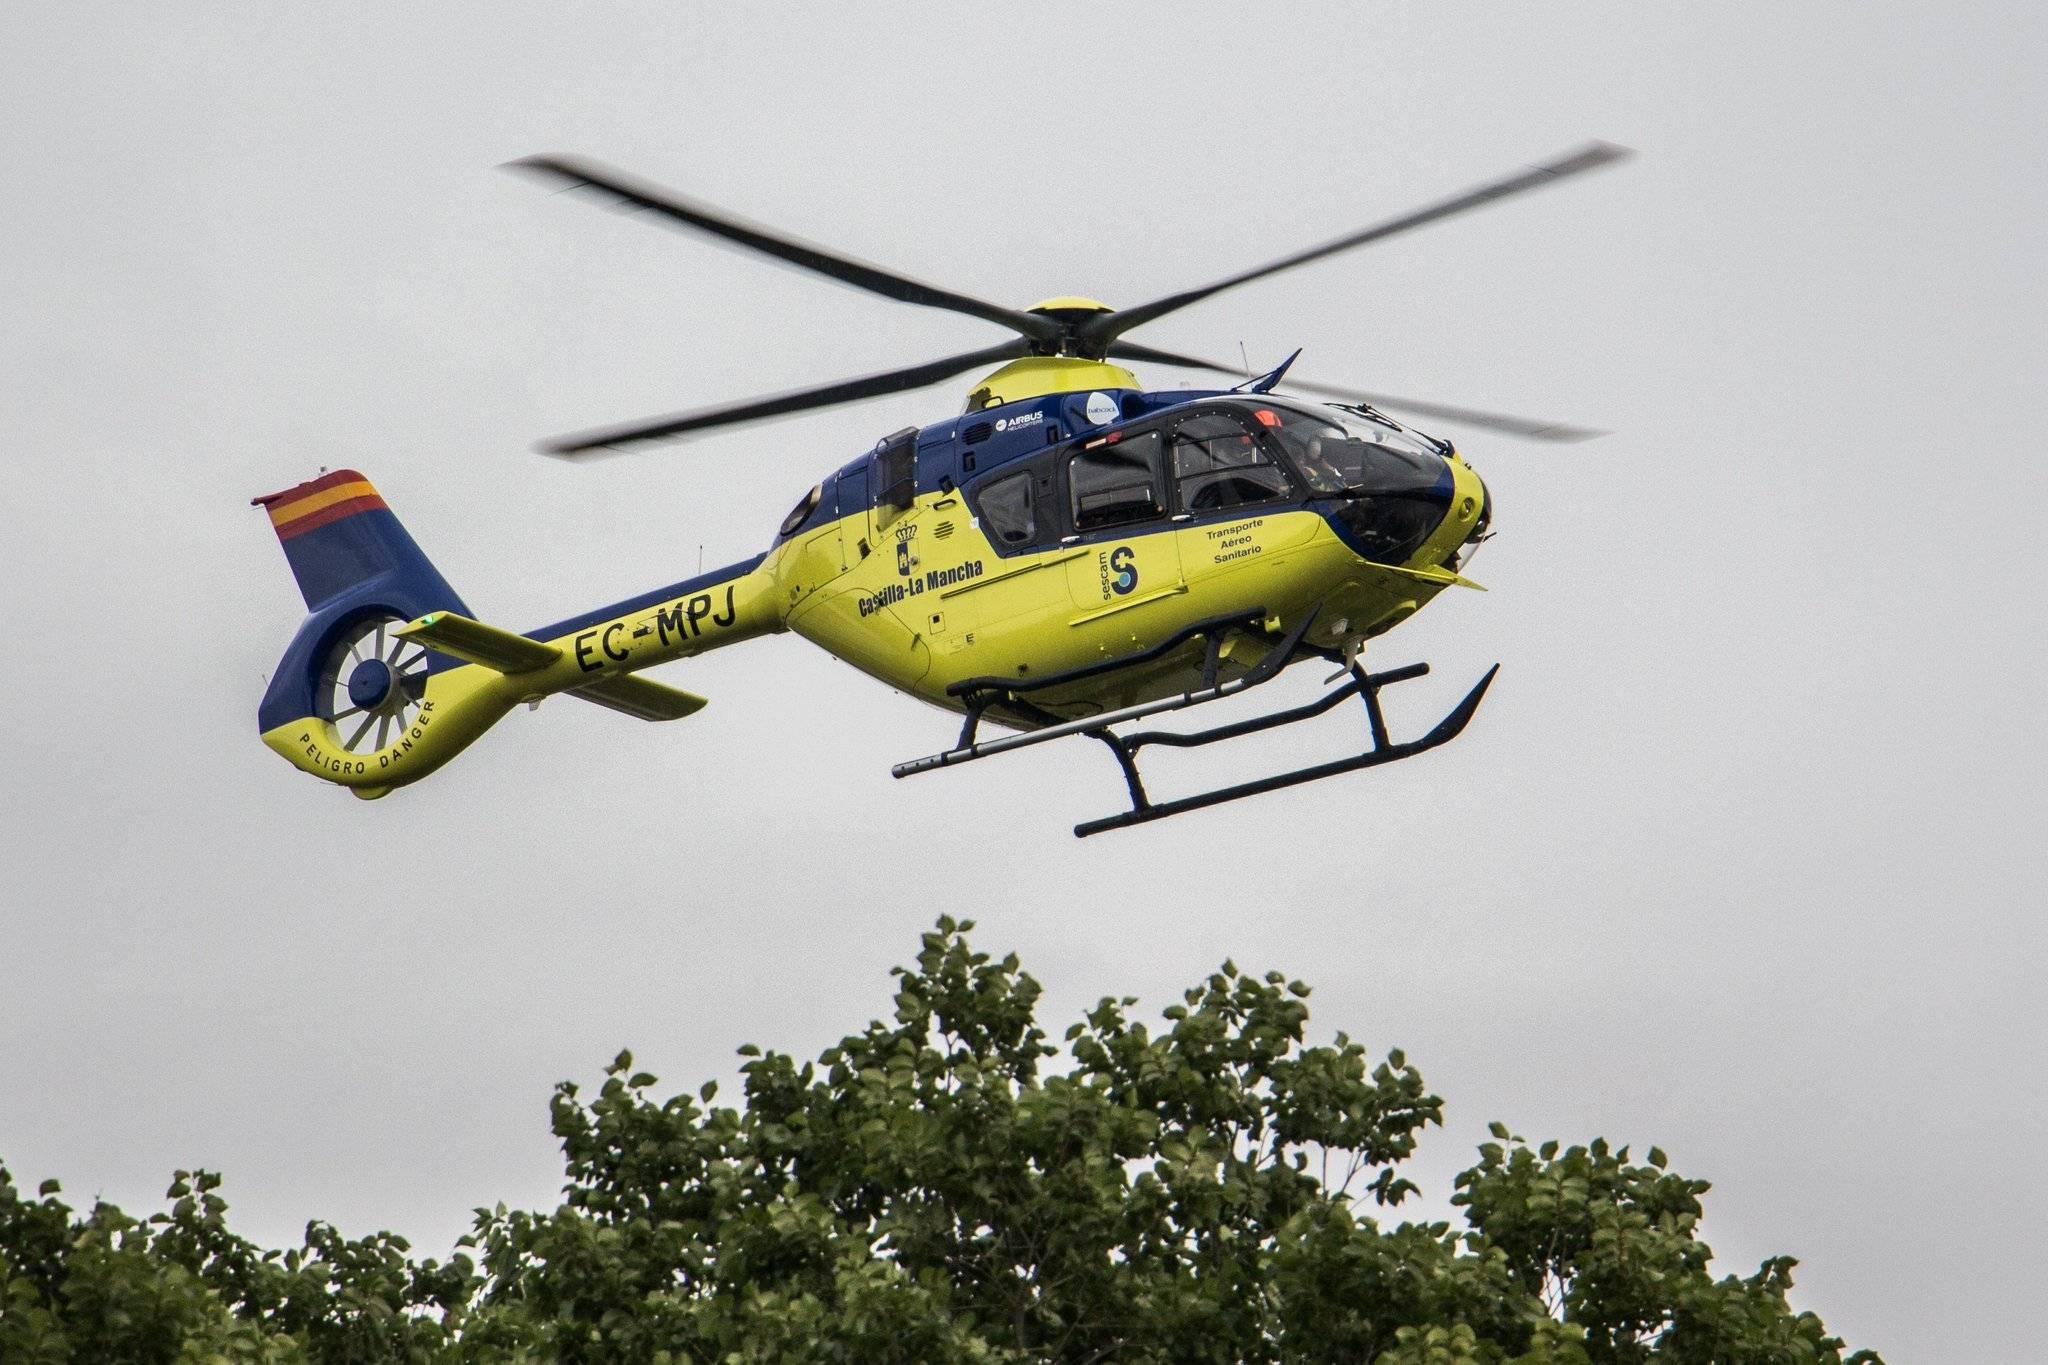 helicoptero medicalizado sescam clm - Accidente laboral en la Calle Calderón de la Barca de Herencia